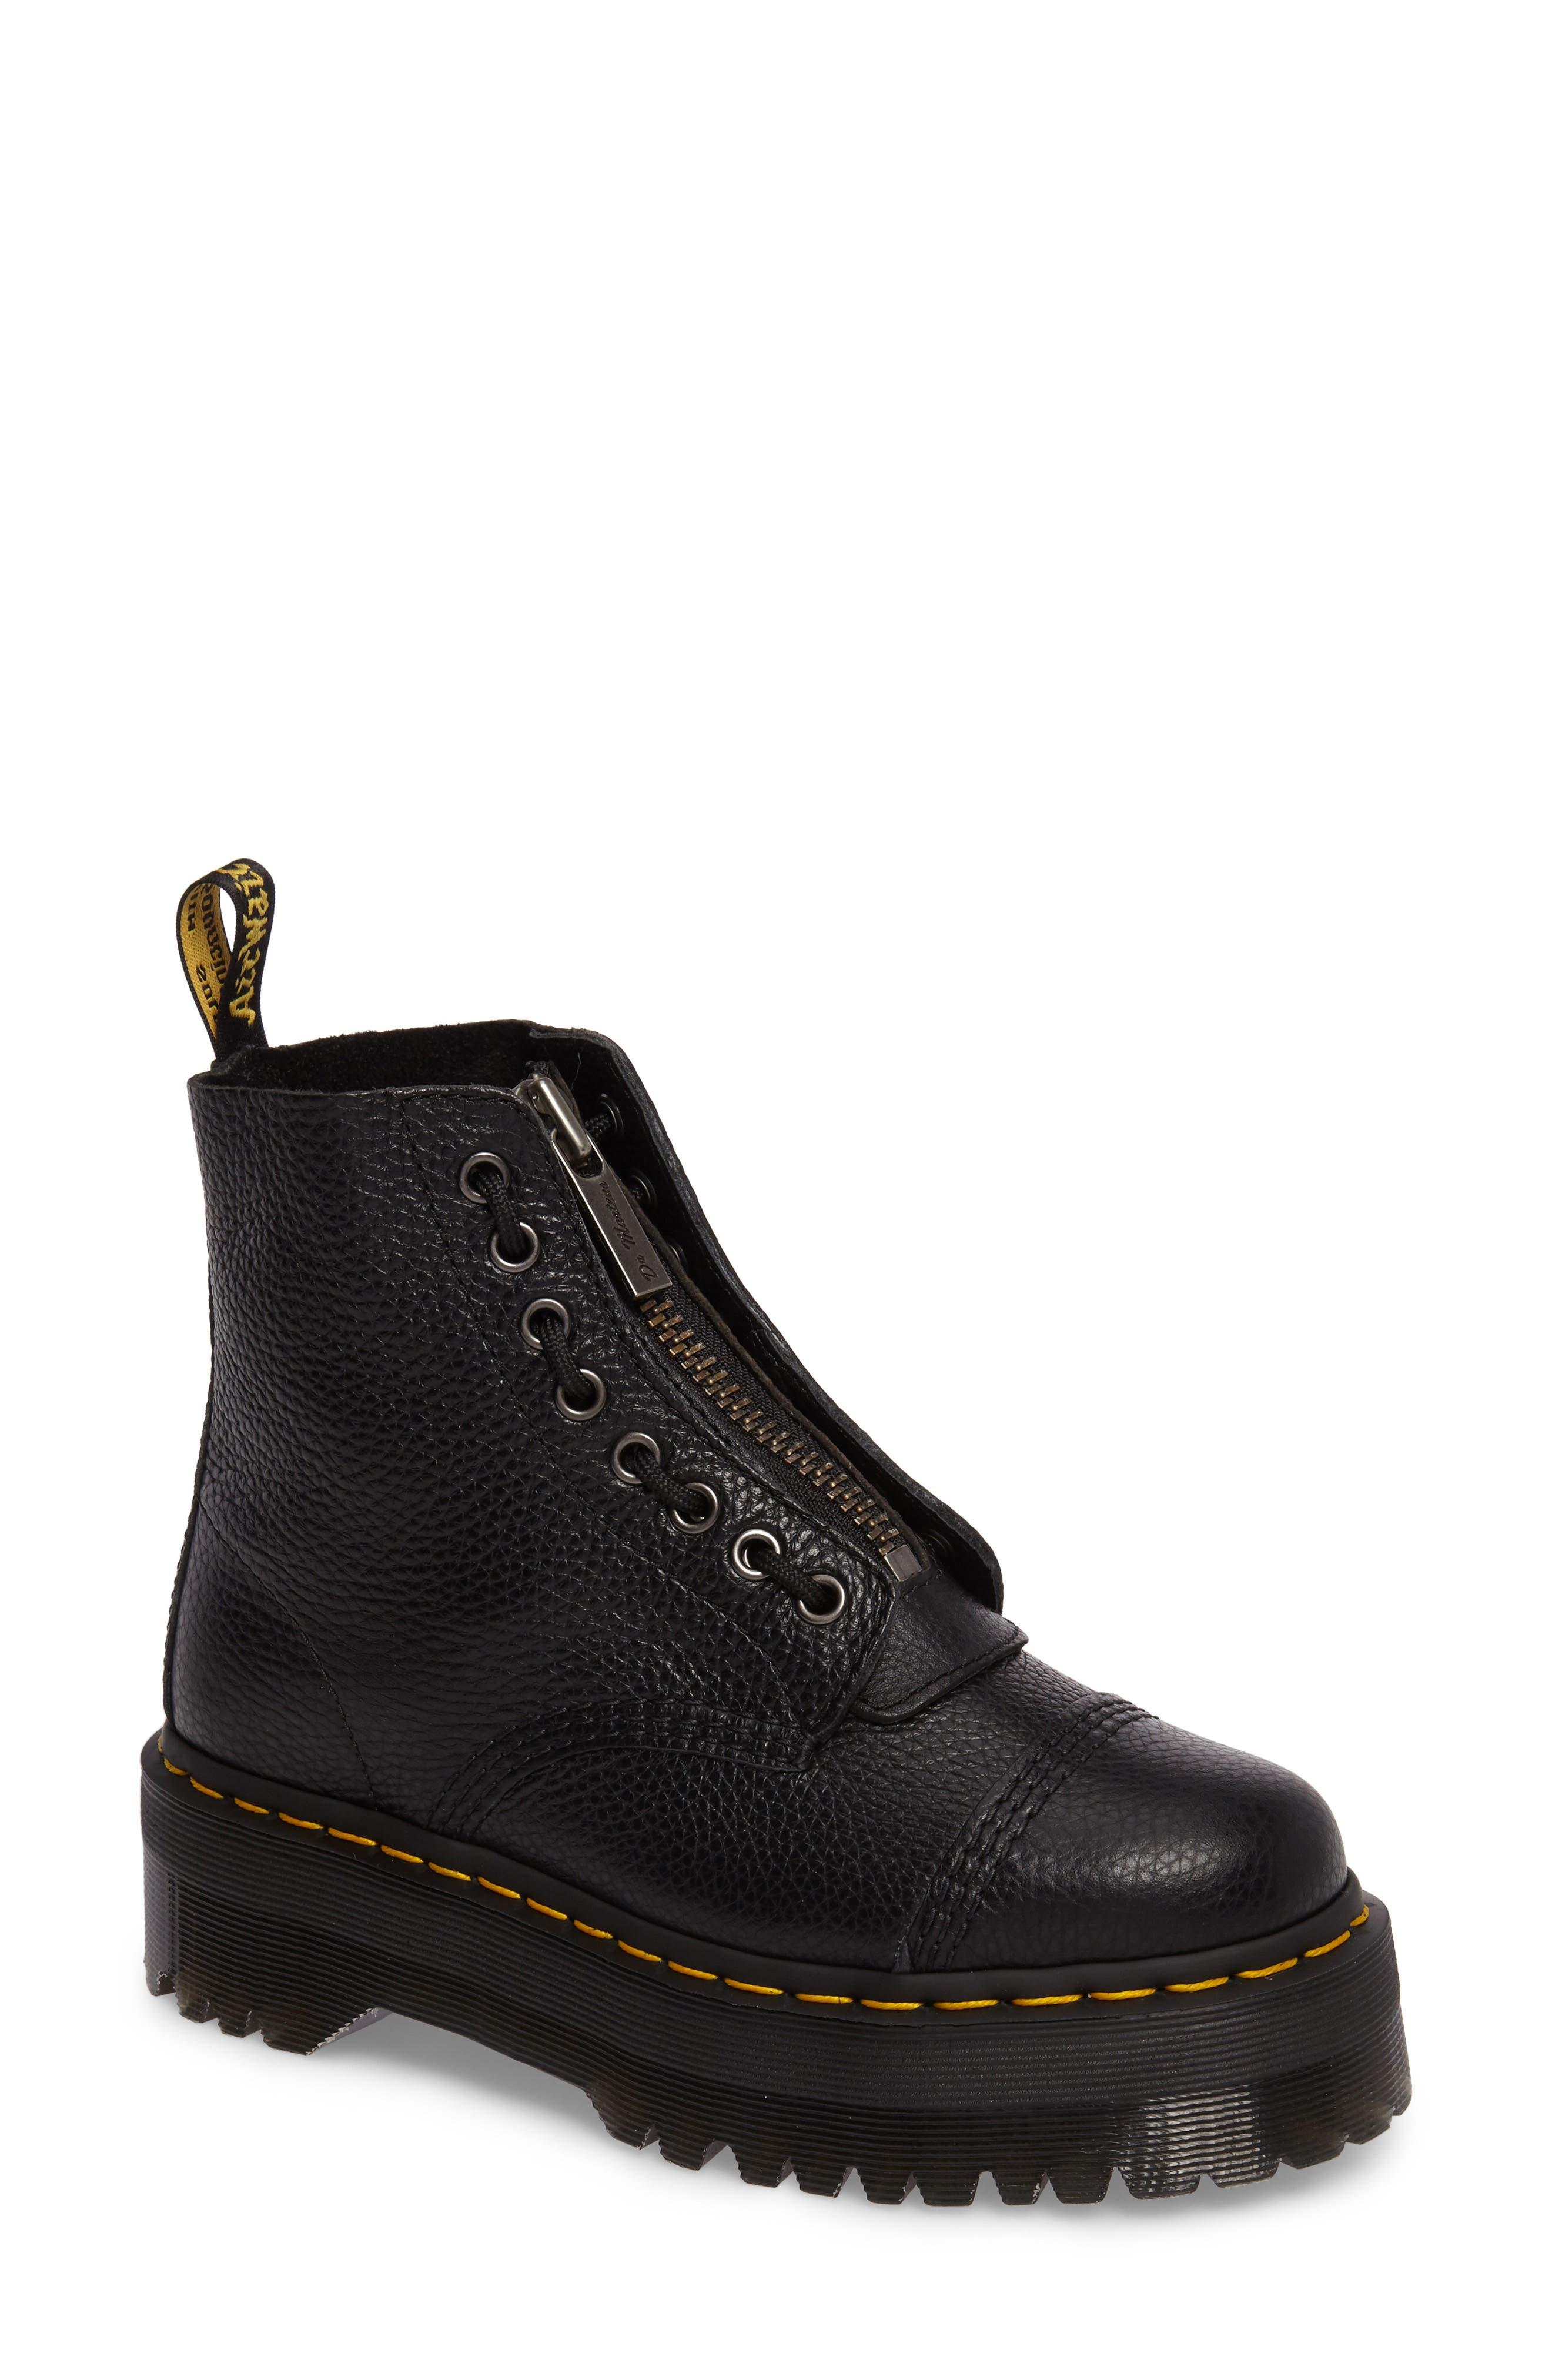 Sinclair Bootie,                         Main,                         color, Black Leather